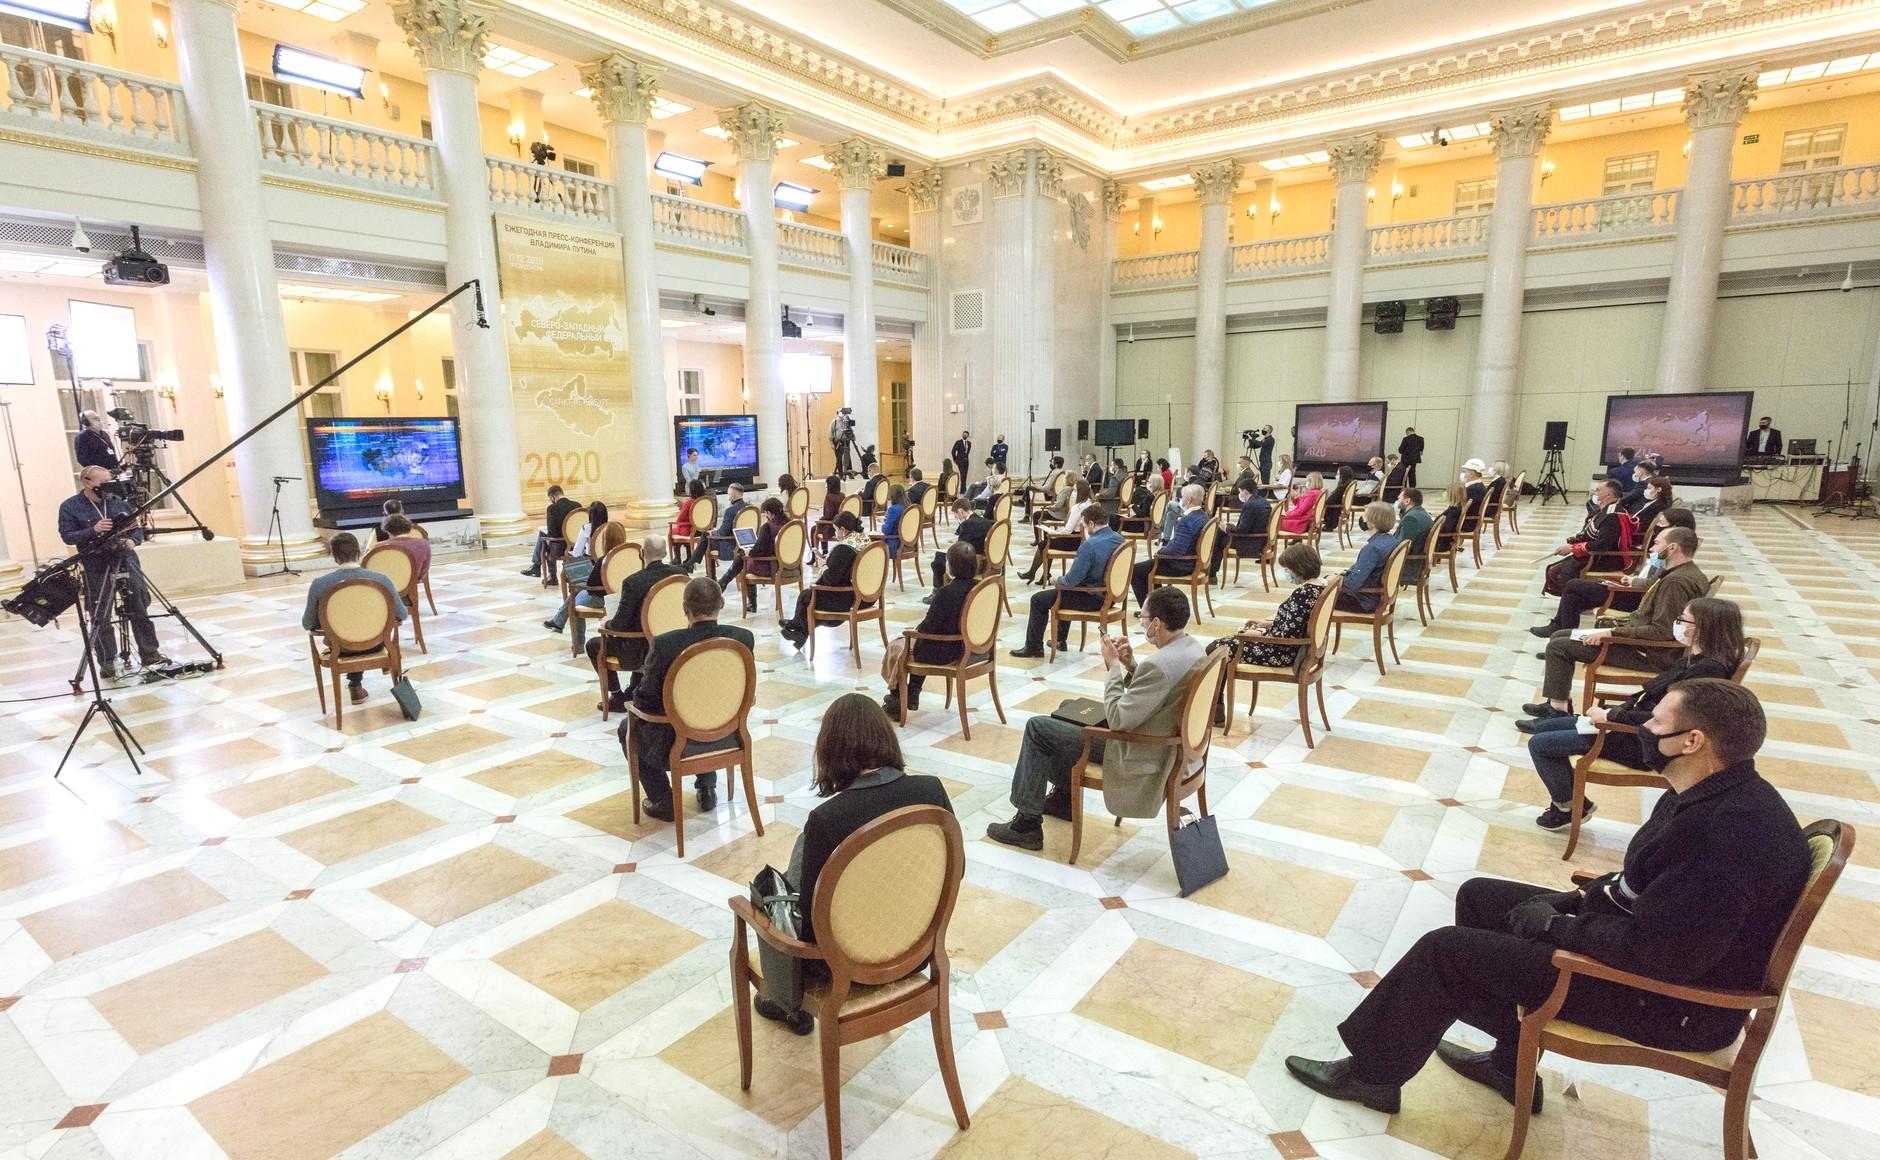 RUSSIE 17.12.2020.CONFERENCE 10 XX 66 Avant le début de la conférence de presse annuelle de Vladimir Poutine.